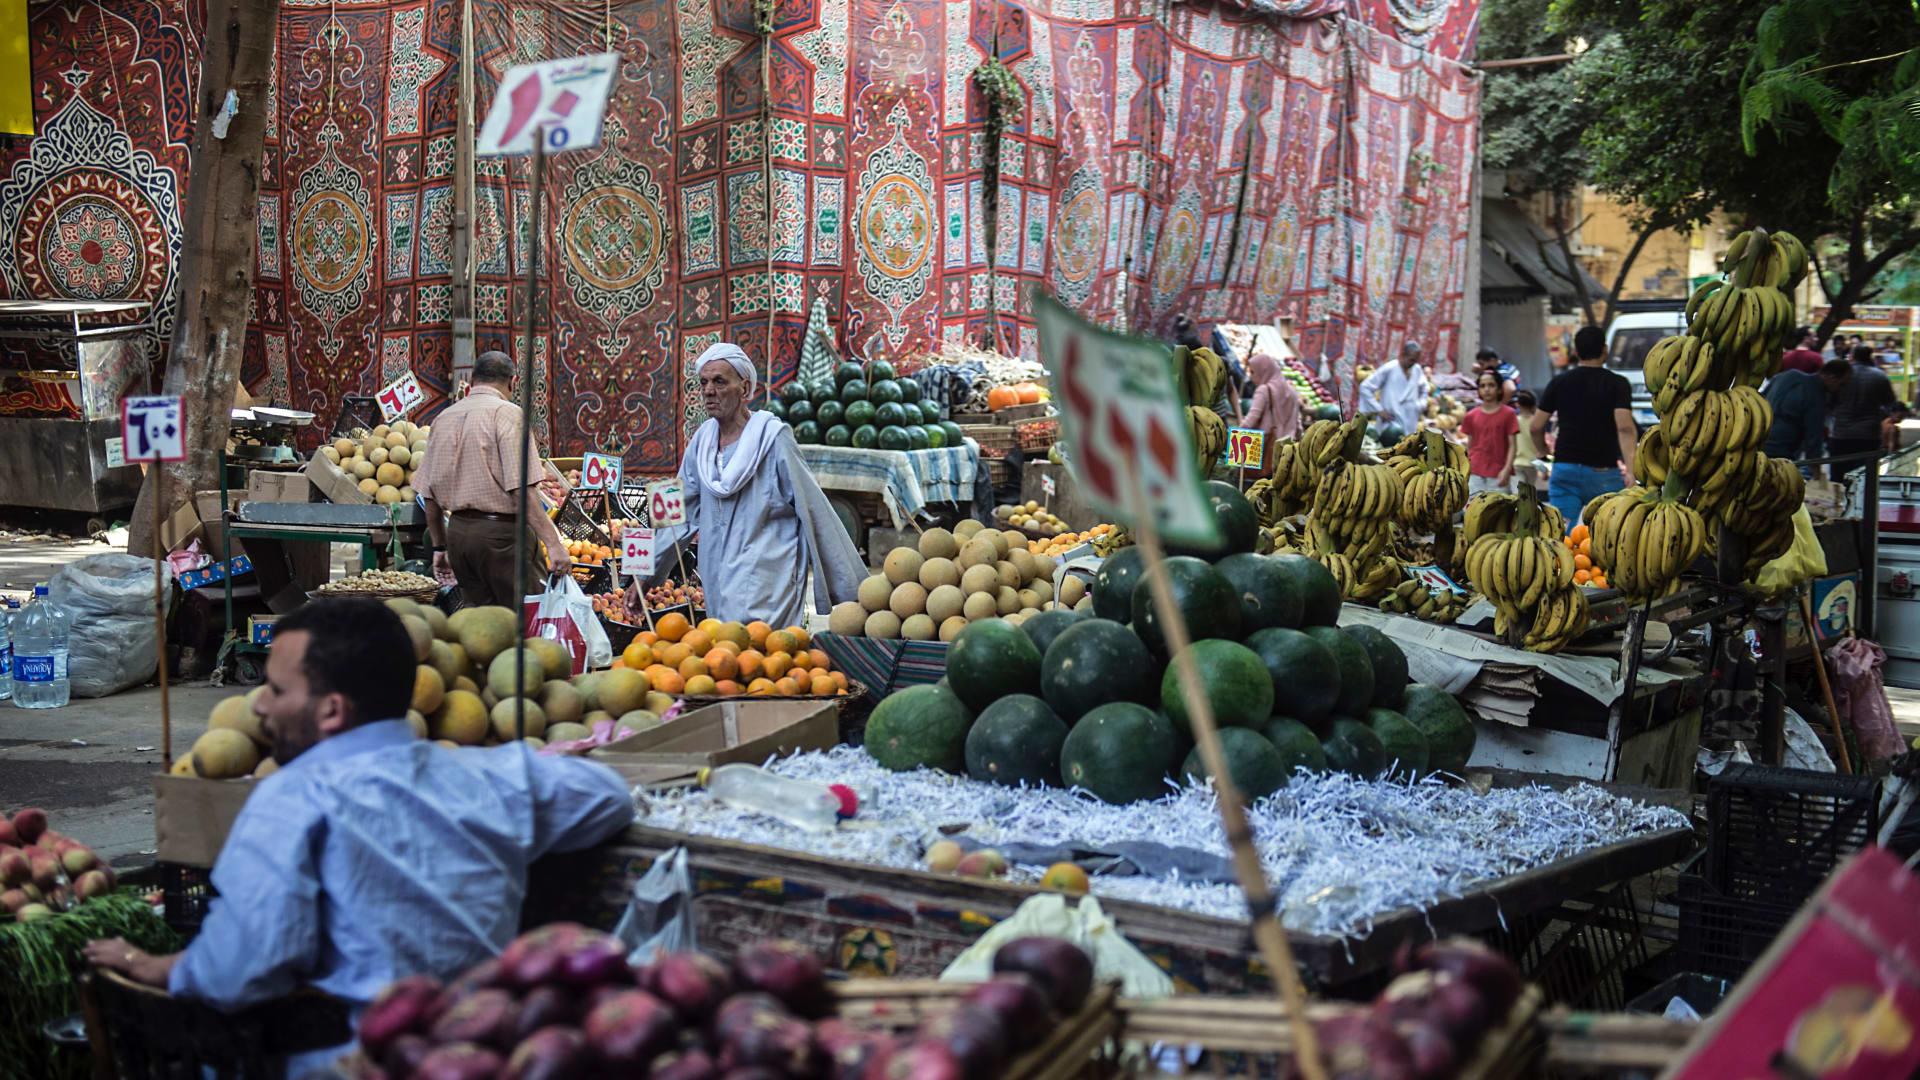 التضخم في مصر يتراجع لـ11% في ديمسبر.. وخبير يوضح السبب لـ CNN